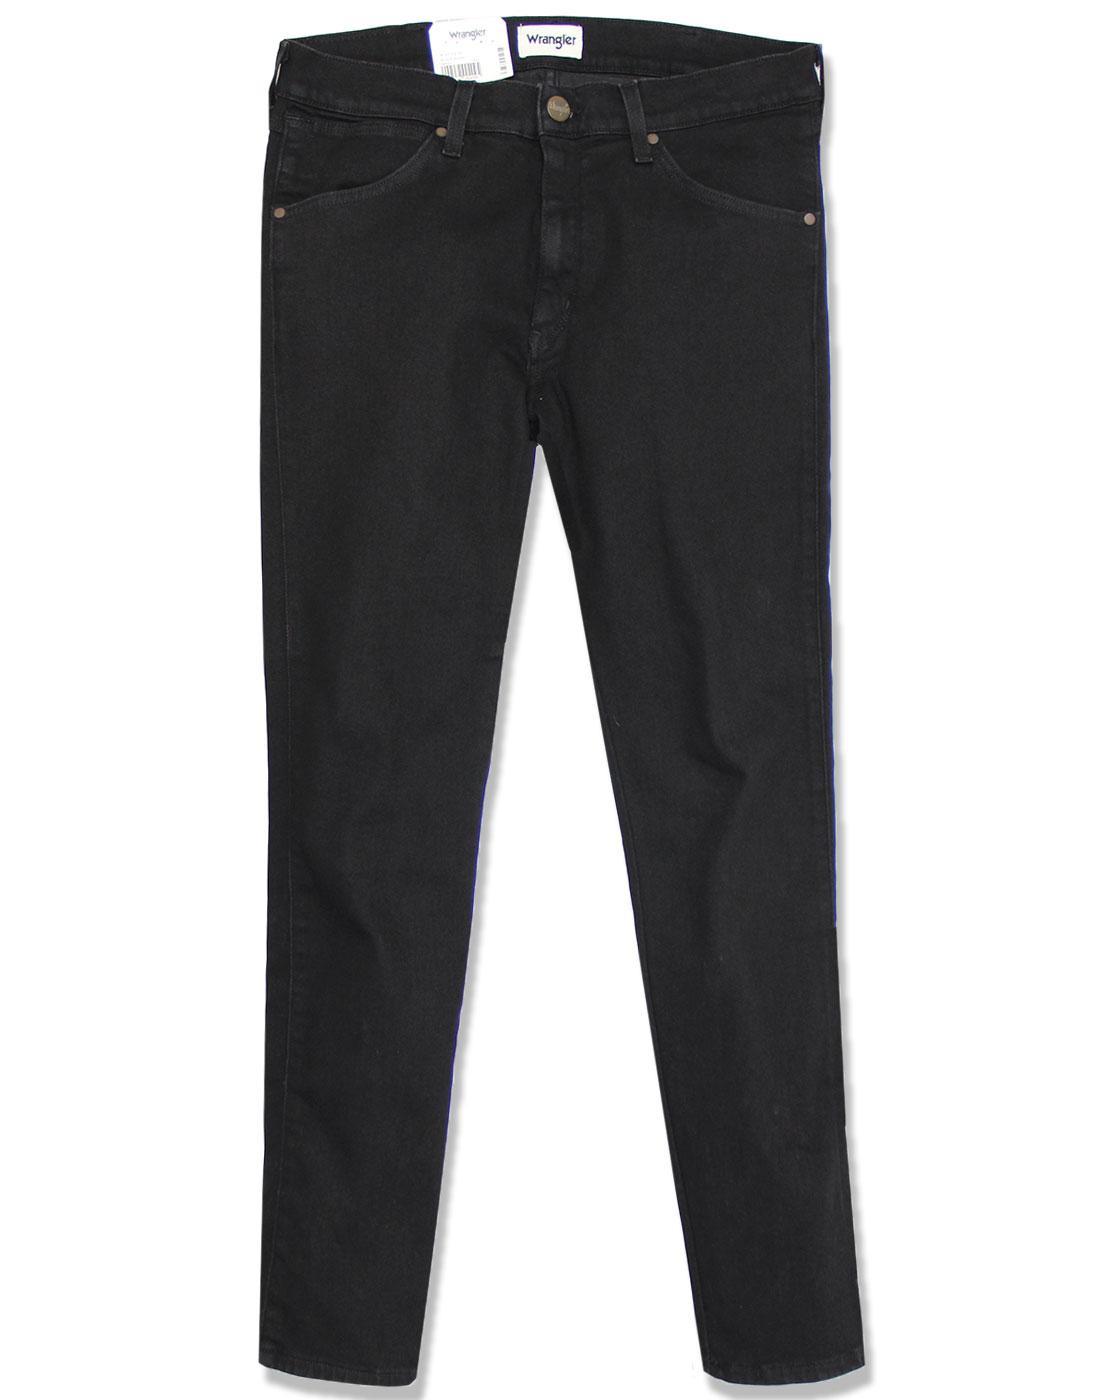 Strangler WRANGLER Retro Super Skinny Jeans (BR)